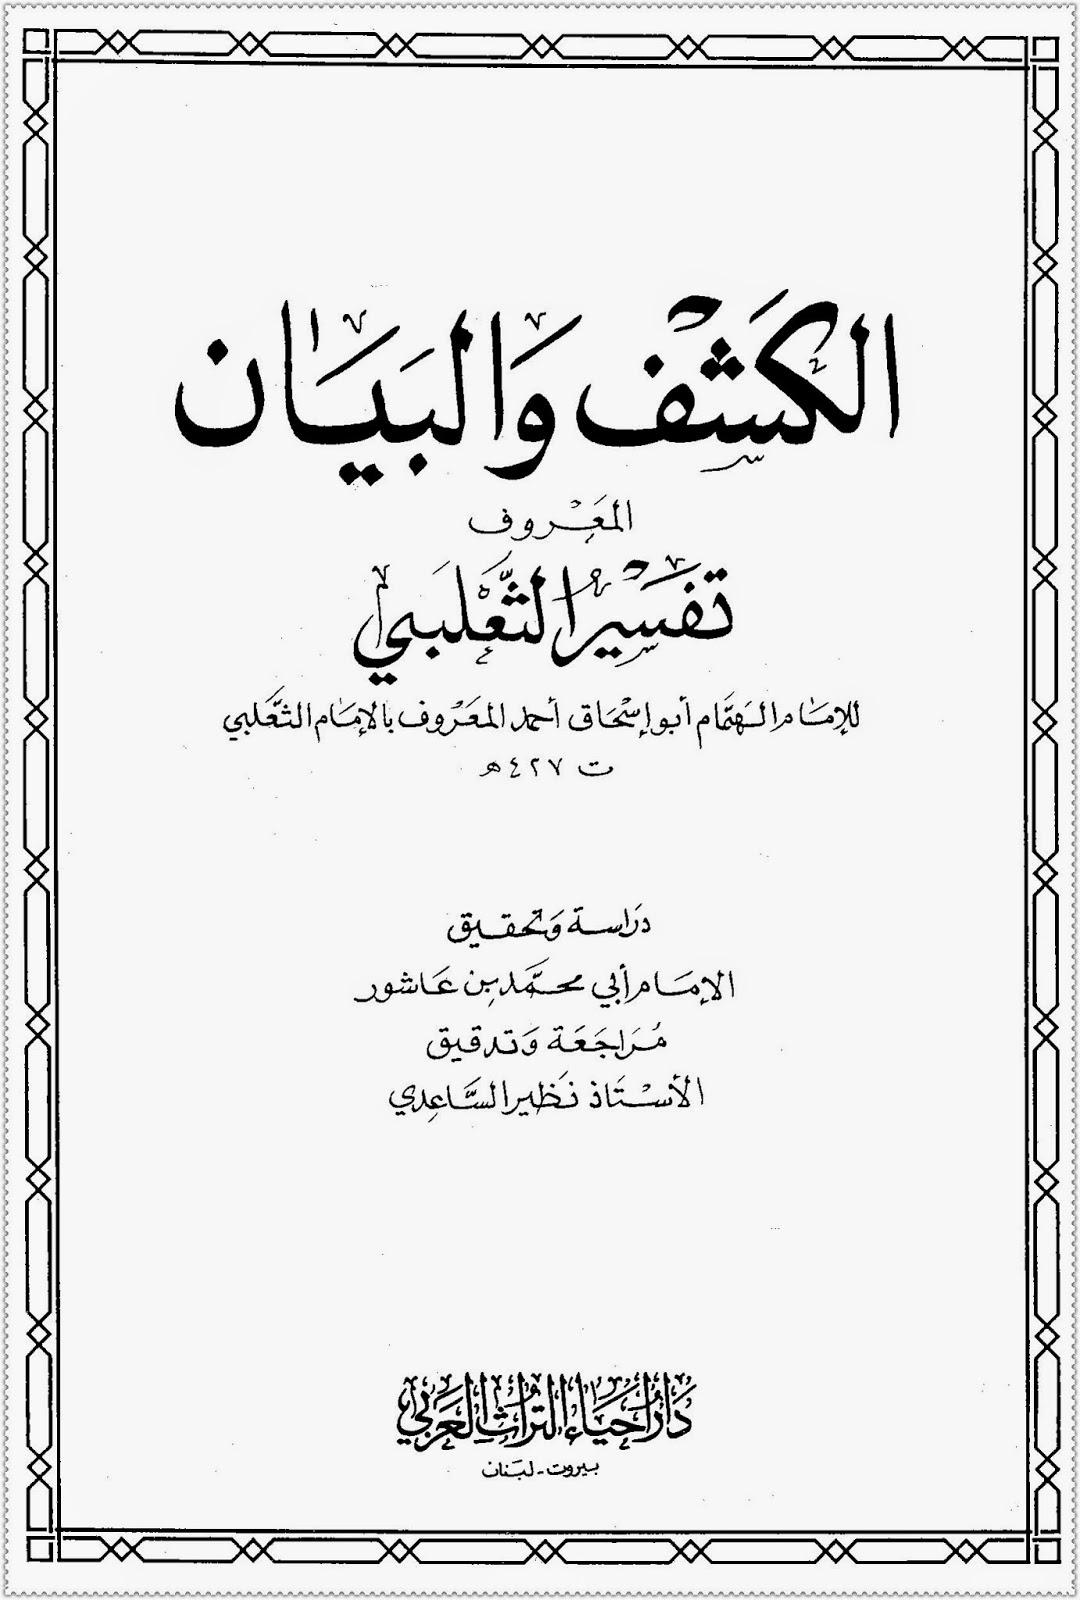 كتاب الكشف والبيان للثعلبي pdf